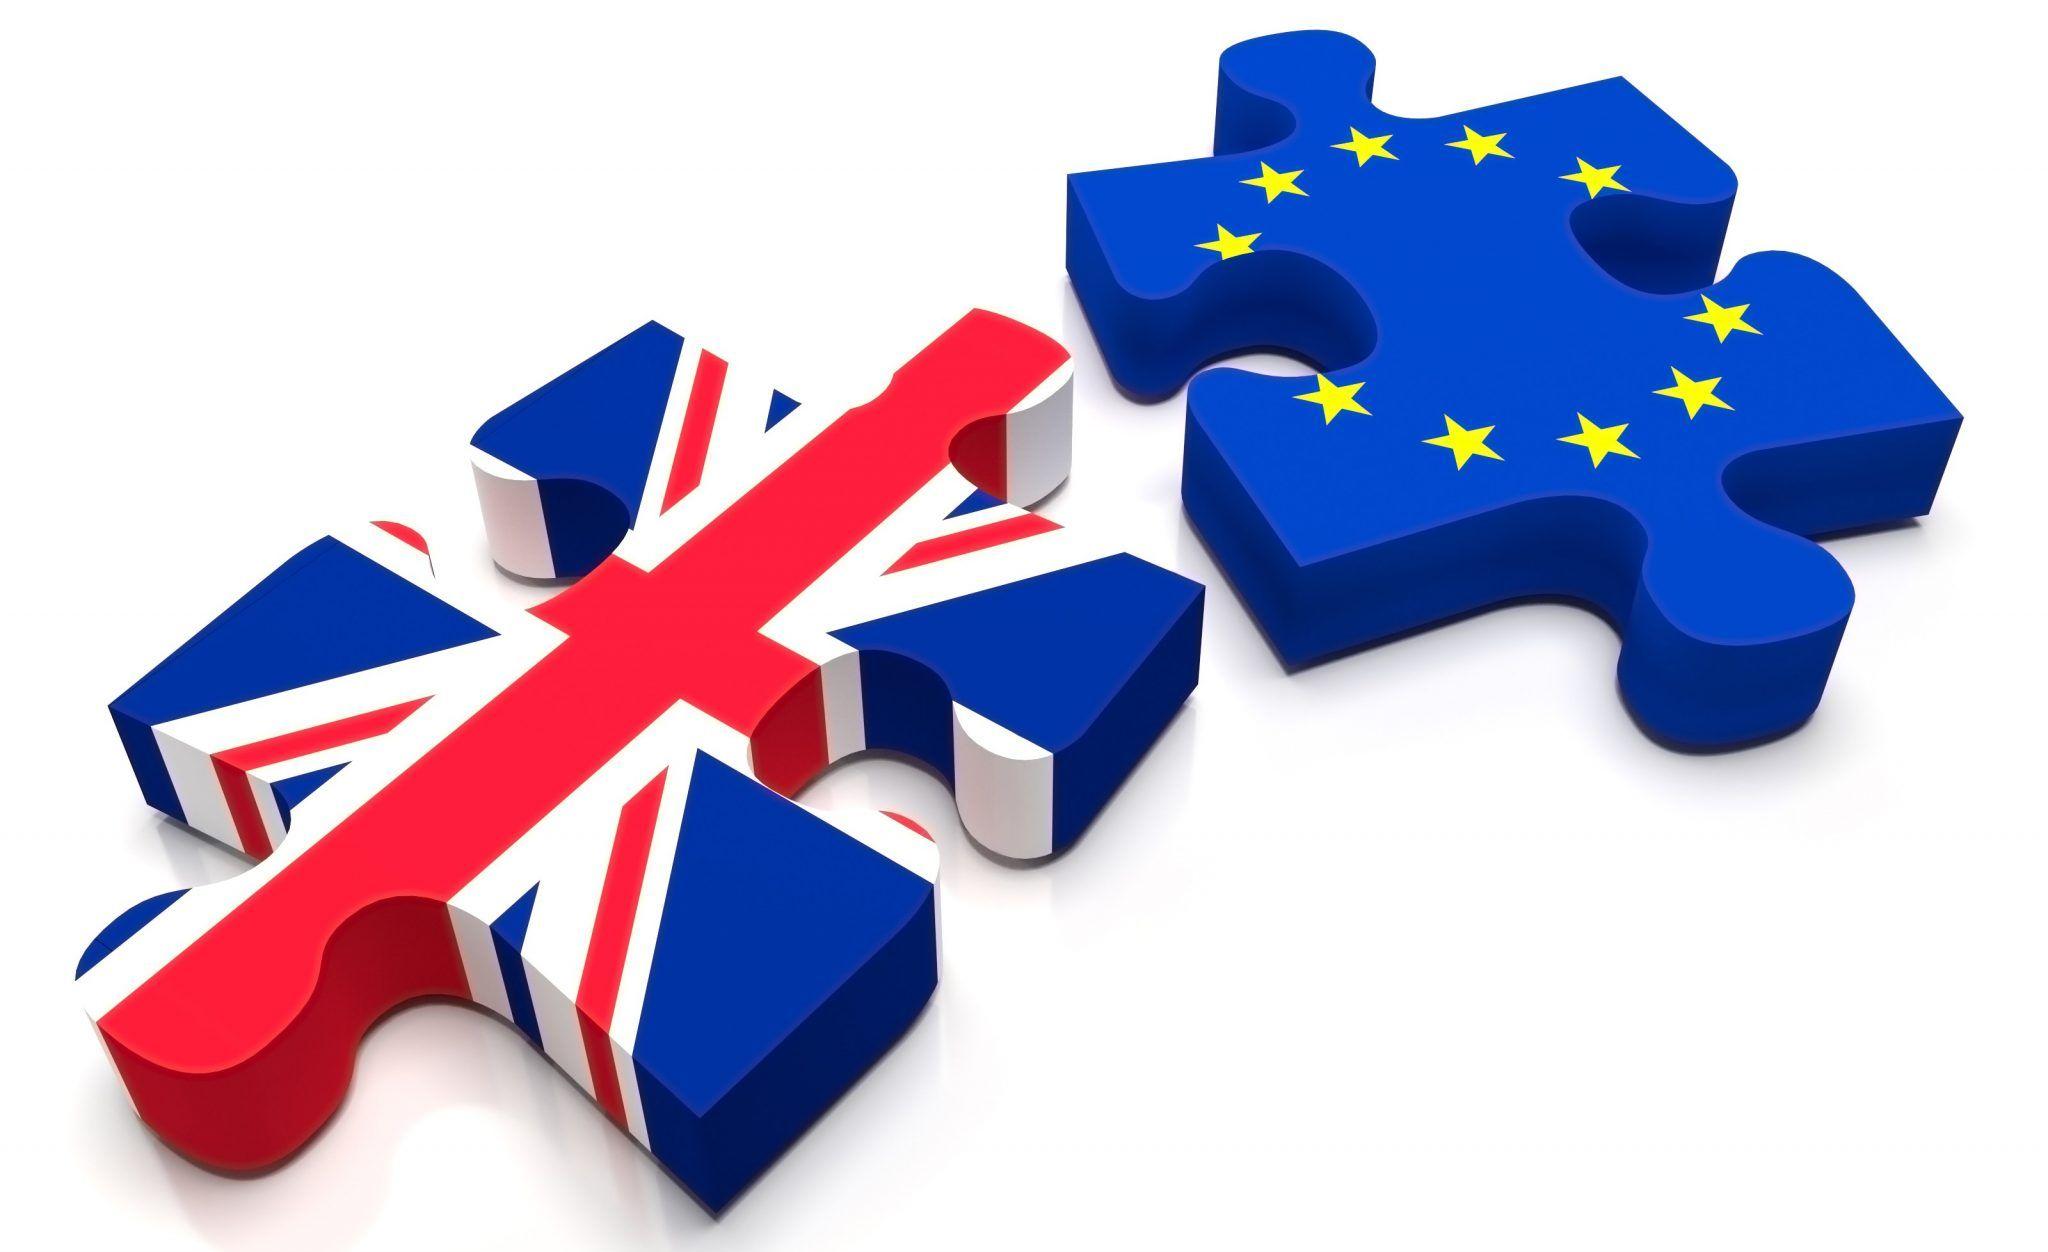 脱欧影响正在退却 英国房价今年呈现整体上涨